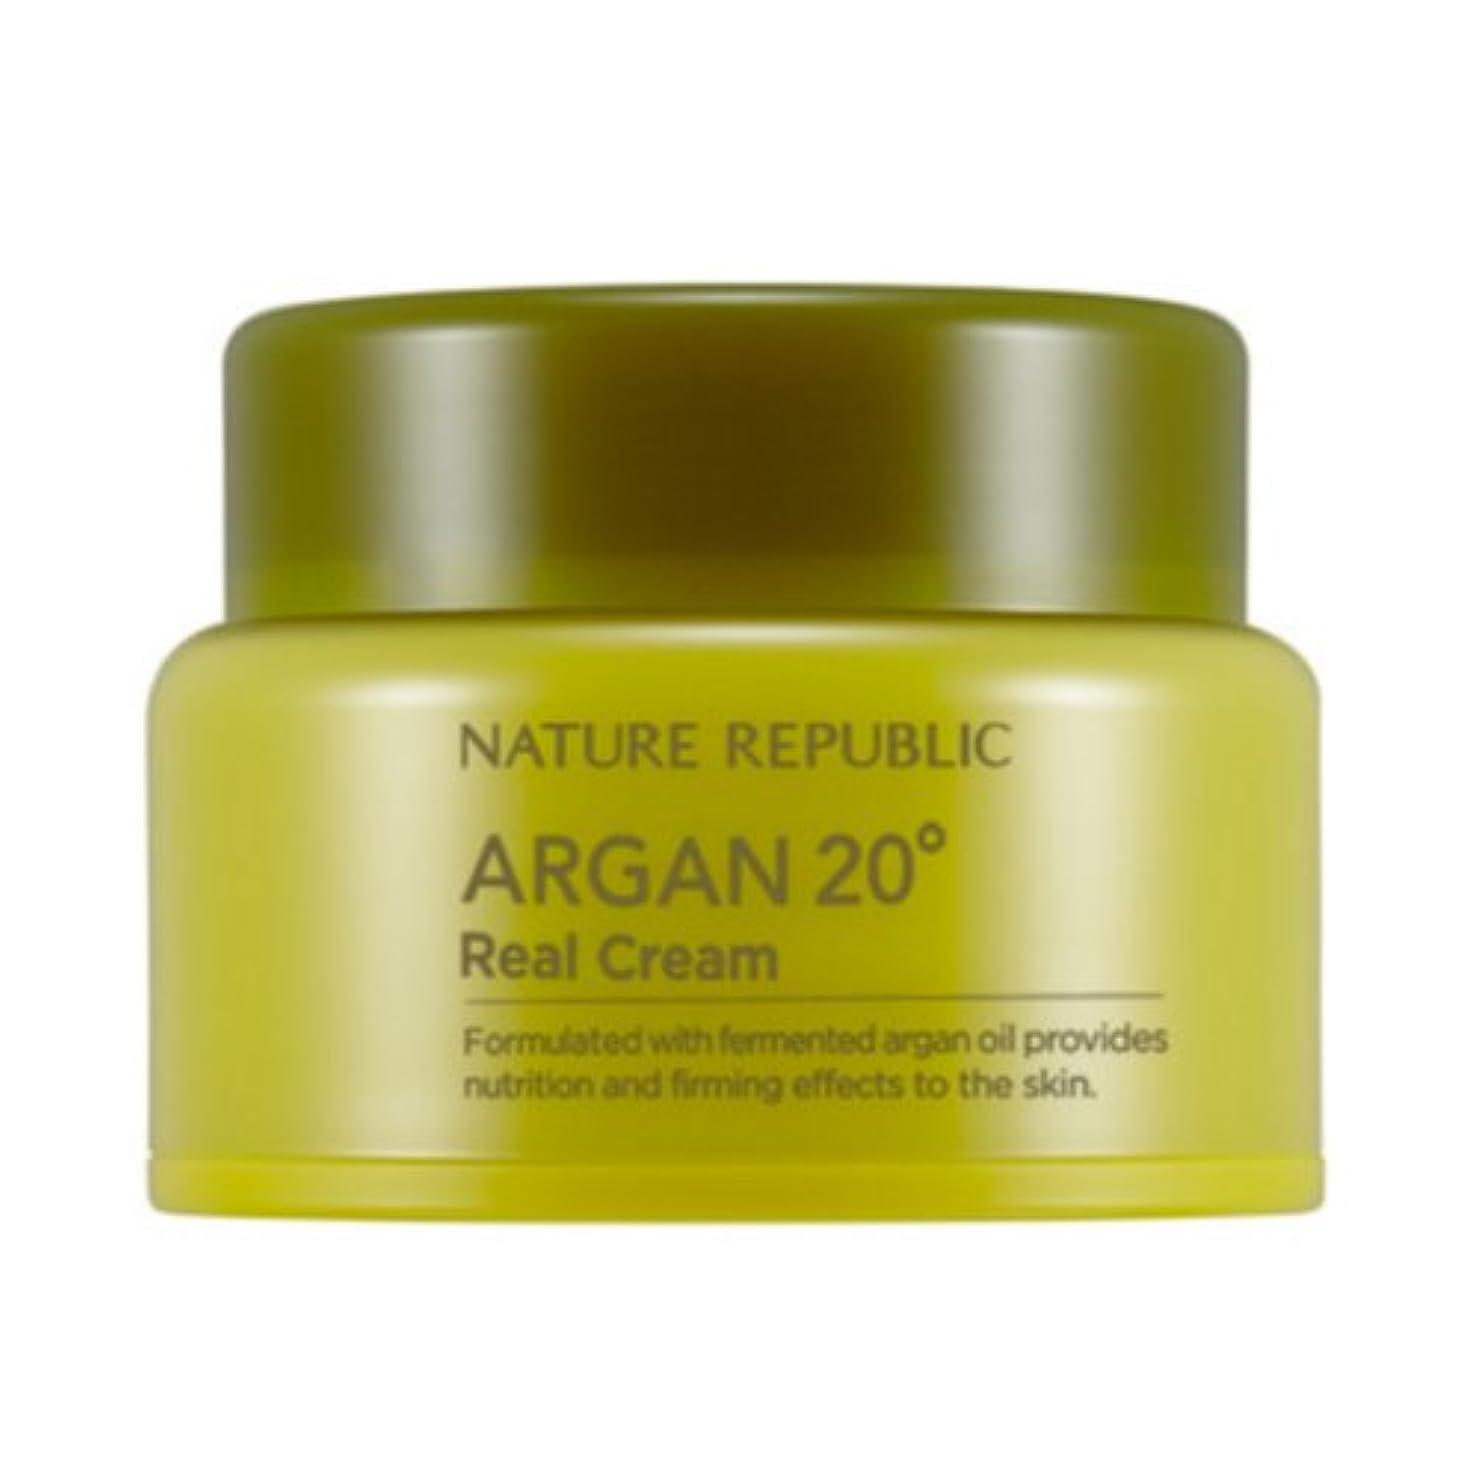 口引退する中国[ネイチャーリパブリック] Nature republicアルガン20ºリアルクリーム海外直送品(Argan20ºReal Cream) [並行輸入品]